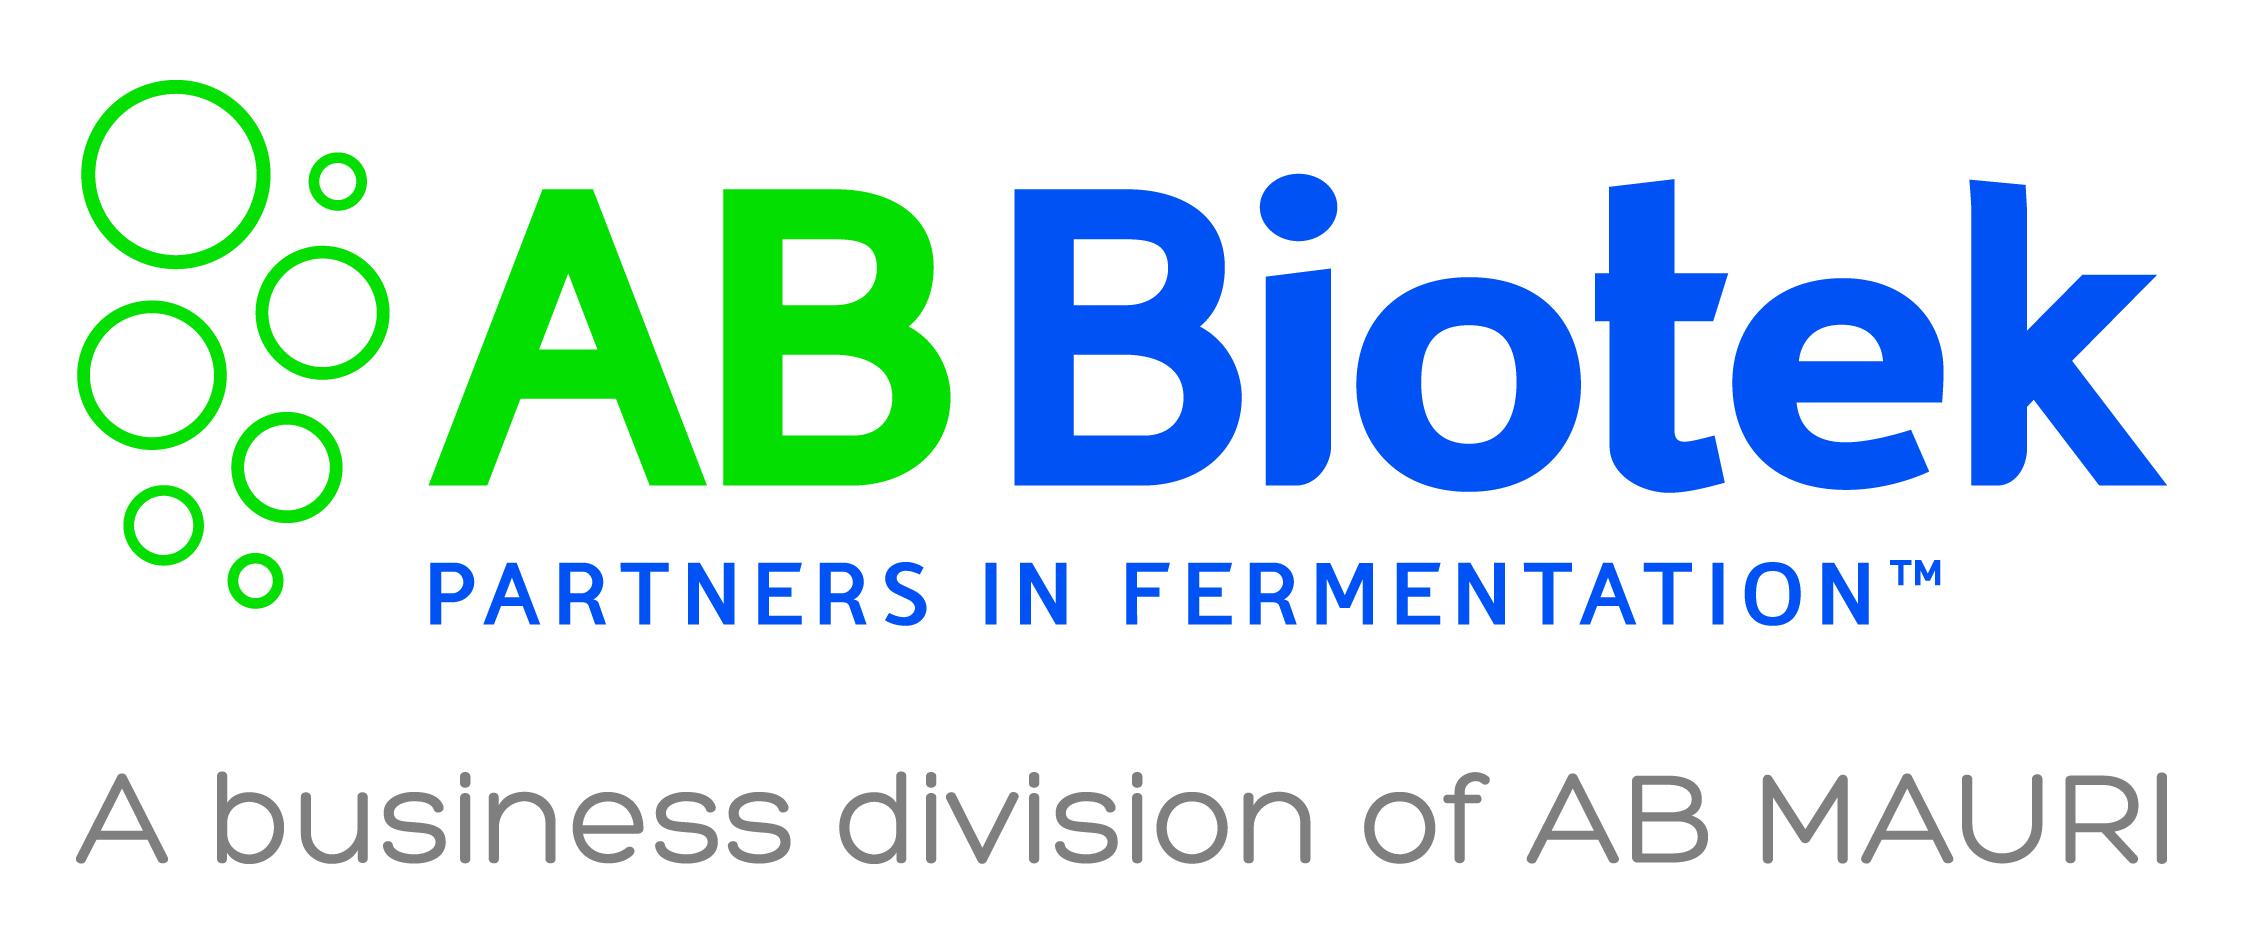 AB Biotek